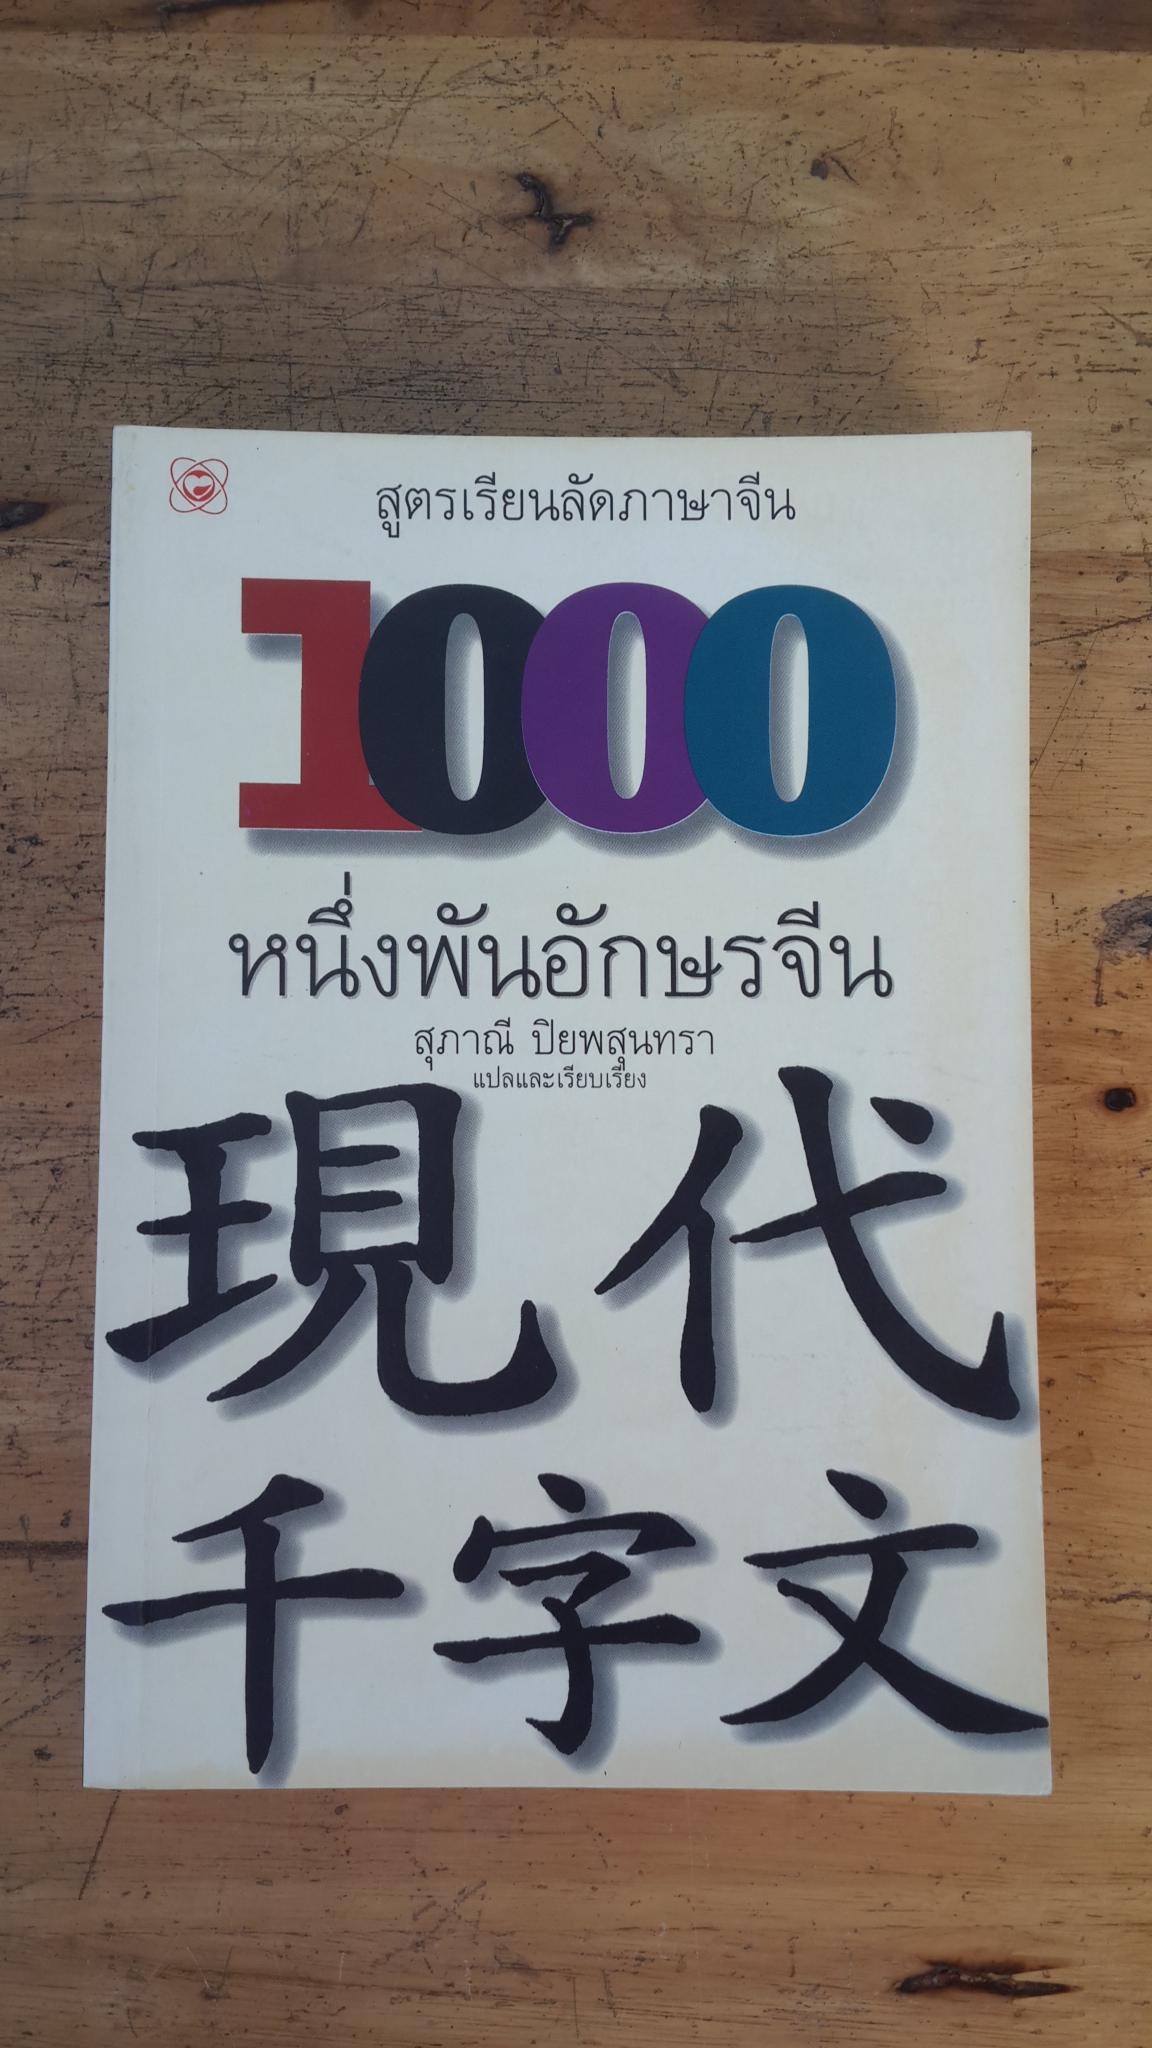 1000 หนึ่งพันอักษรจีน / สุภาณี ปิยพสุนทรา